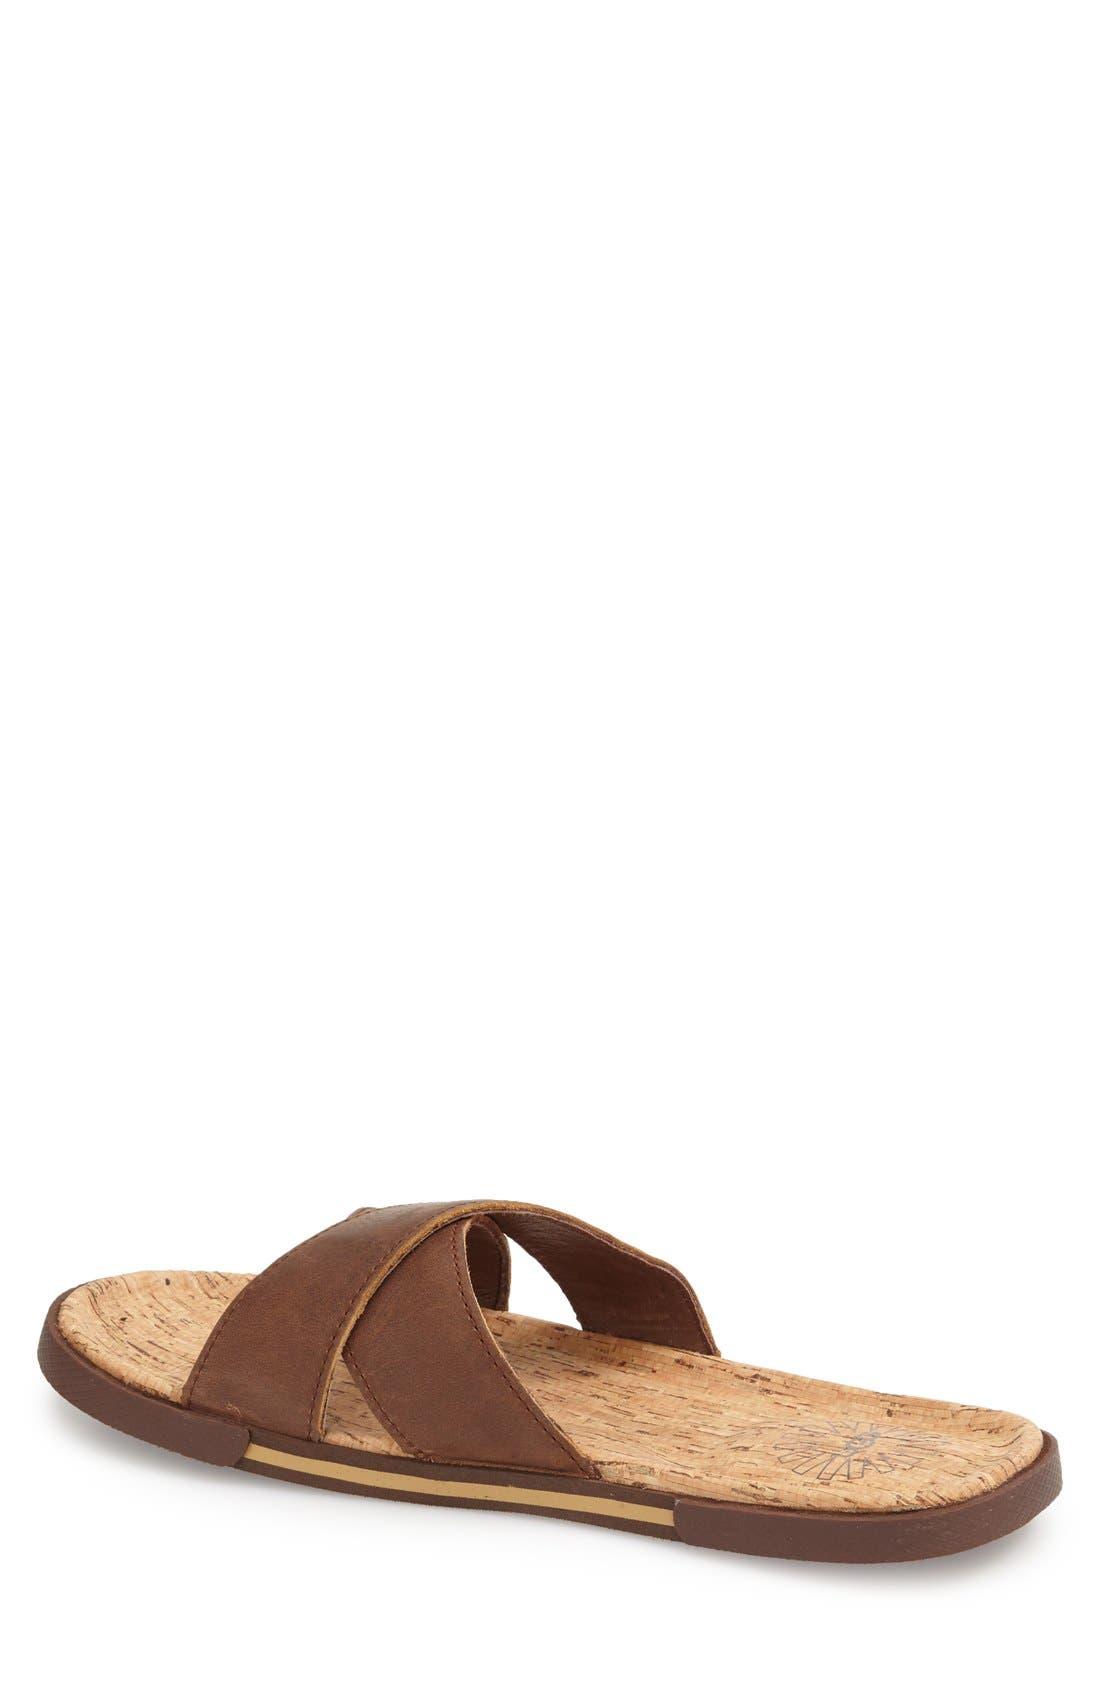 Alternate Image 2  - UGG® 'Ithan' Slide Sandal (Men's)